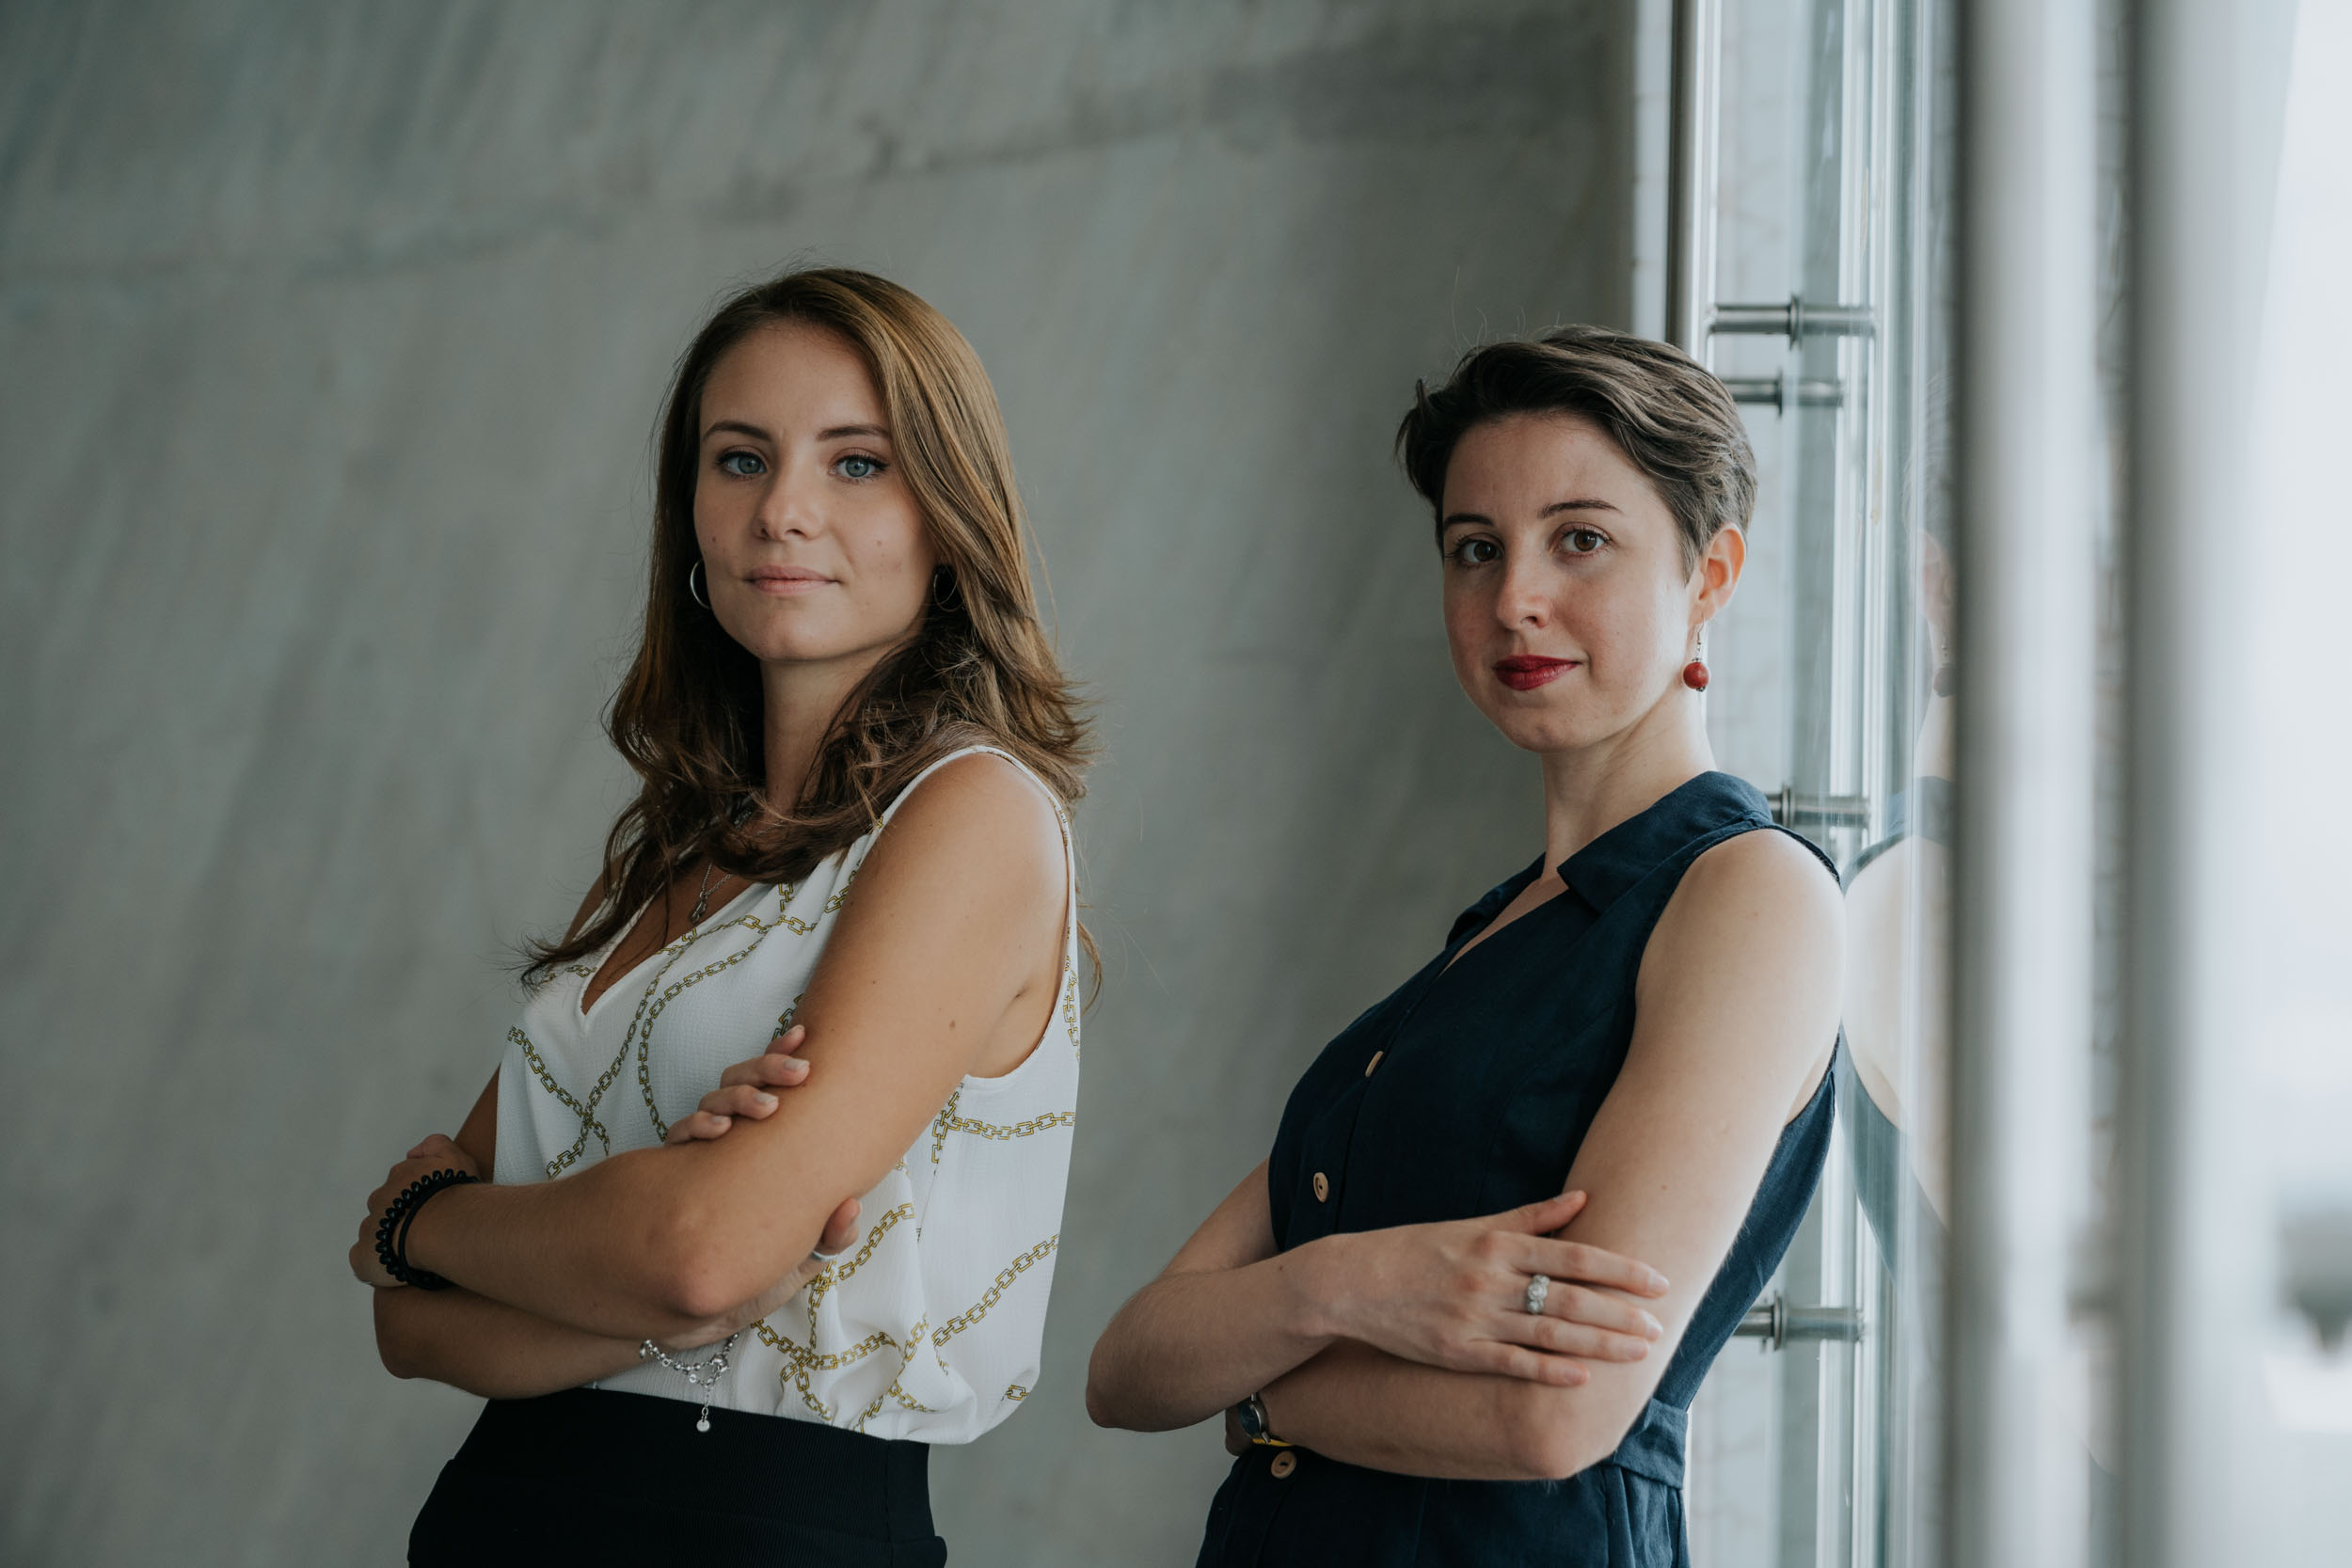 Maria Rita Combattelli y Beatriz de Sousa darán voz a la frívola Adina en L'elisir d'amore